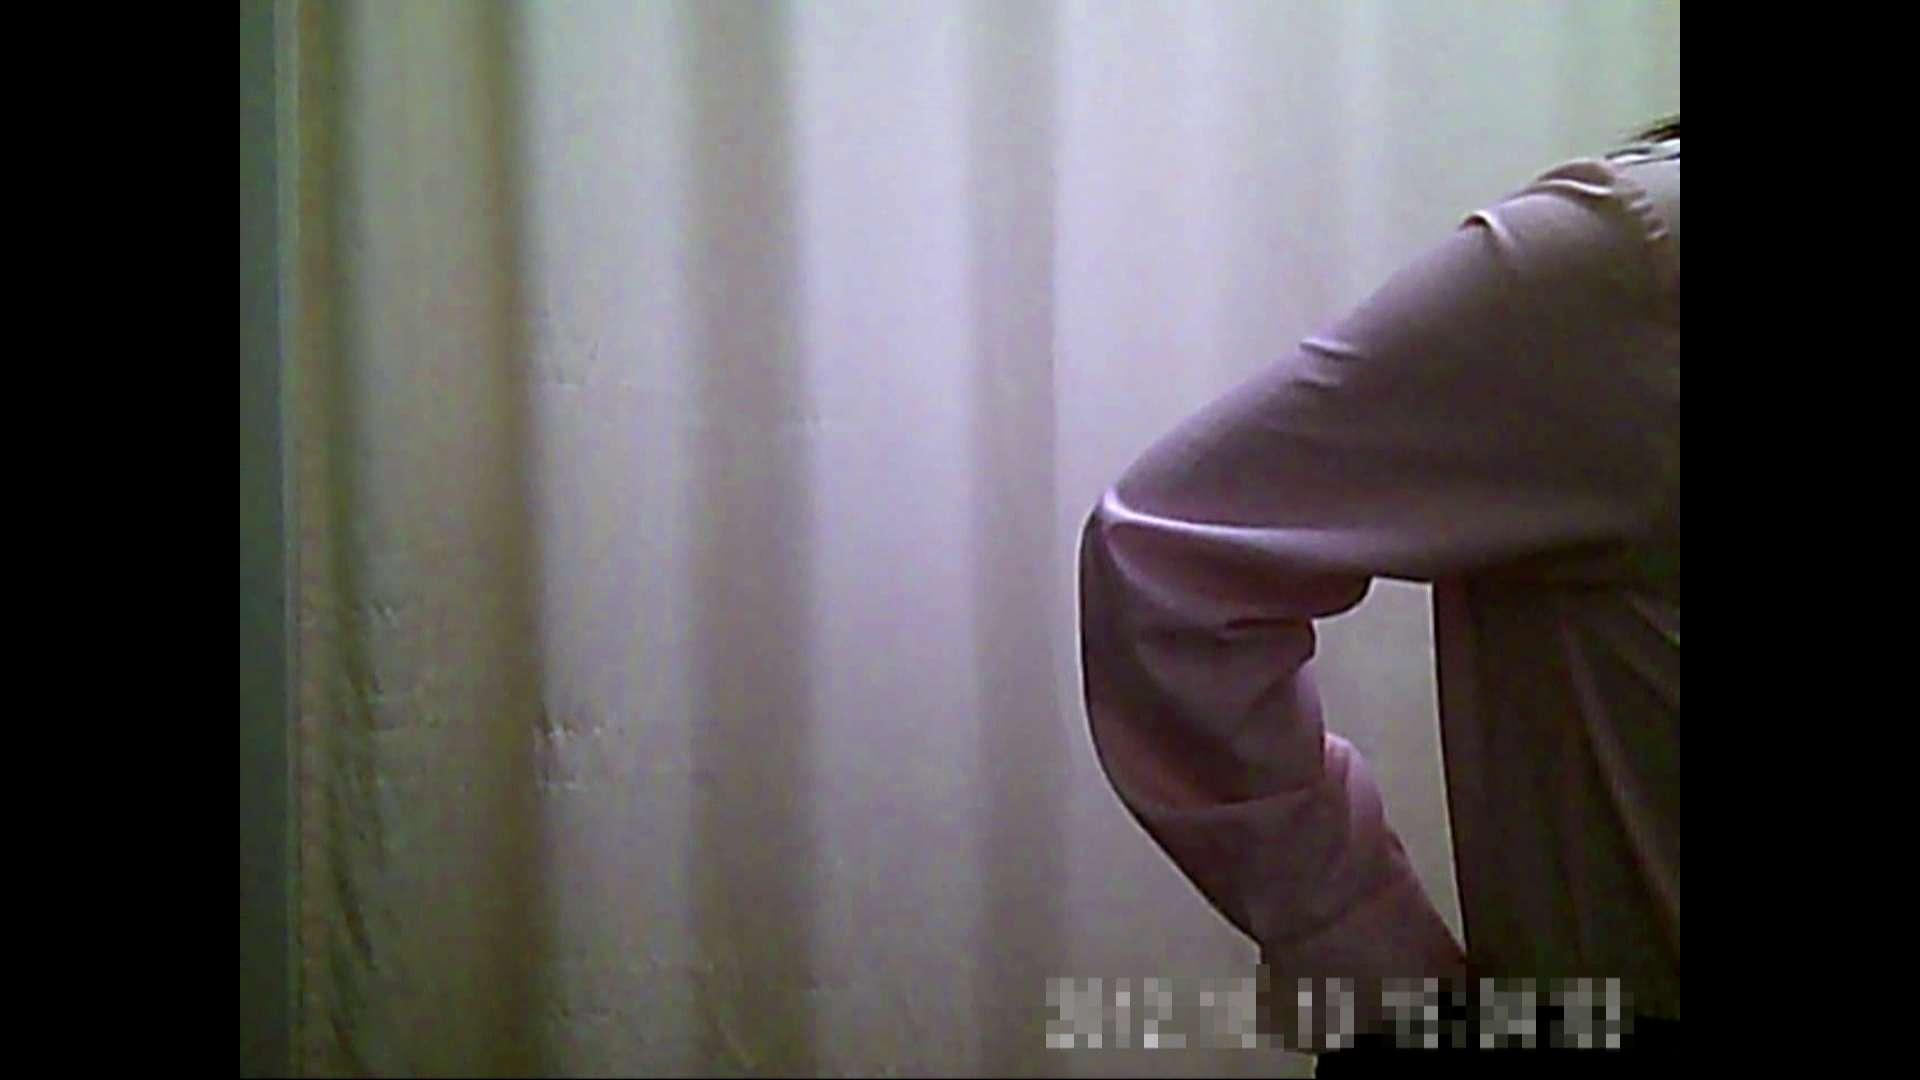 元医者による反抗 更衣室地獄絵巻 vol.059 エッチなお姉さん  35画像 33